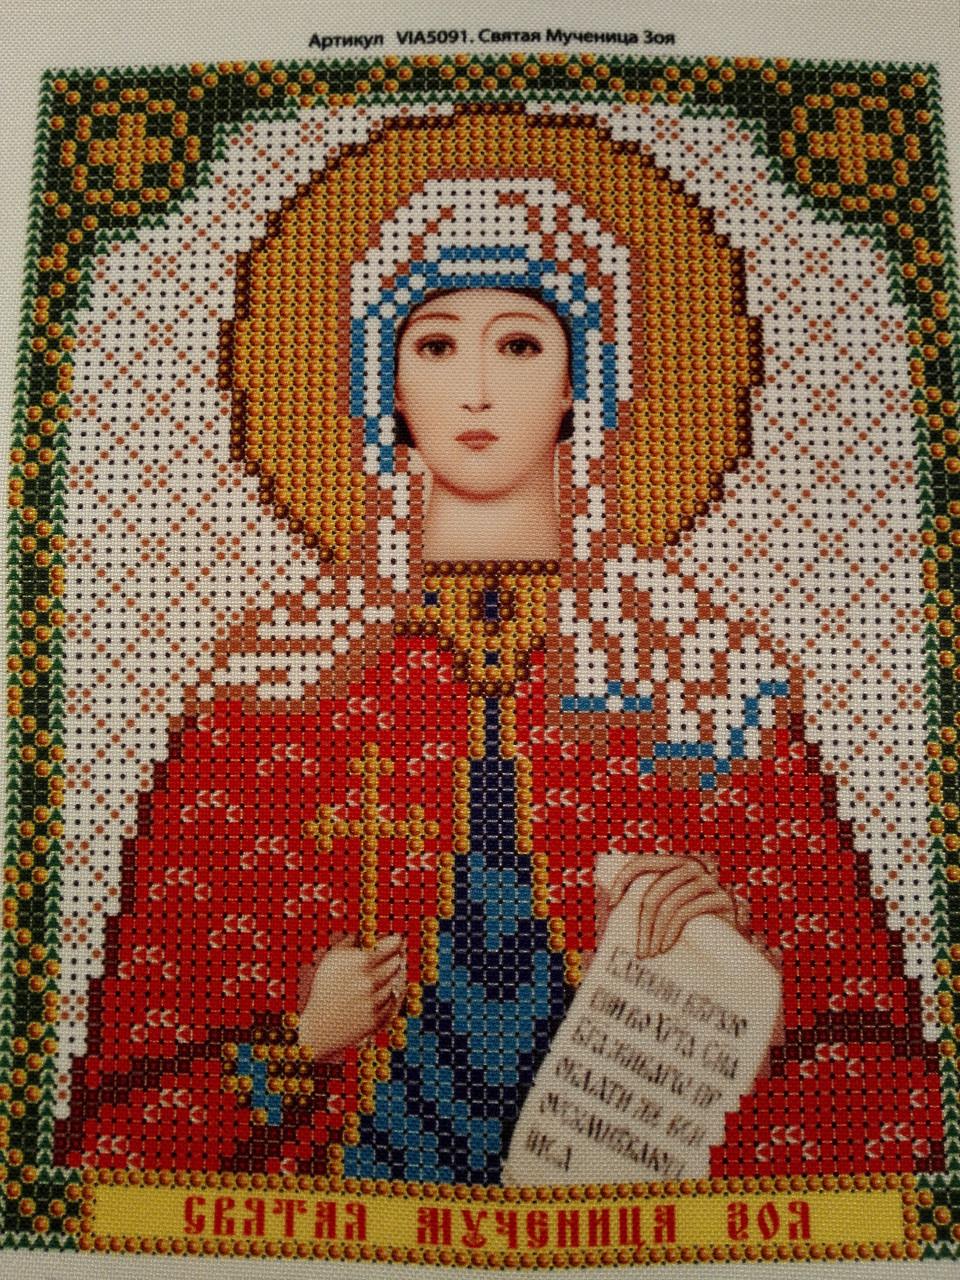 Набор для вышивки бисером икона Святая Мученица Зоя VIA 5091